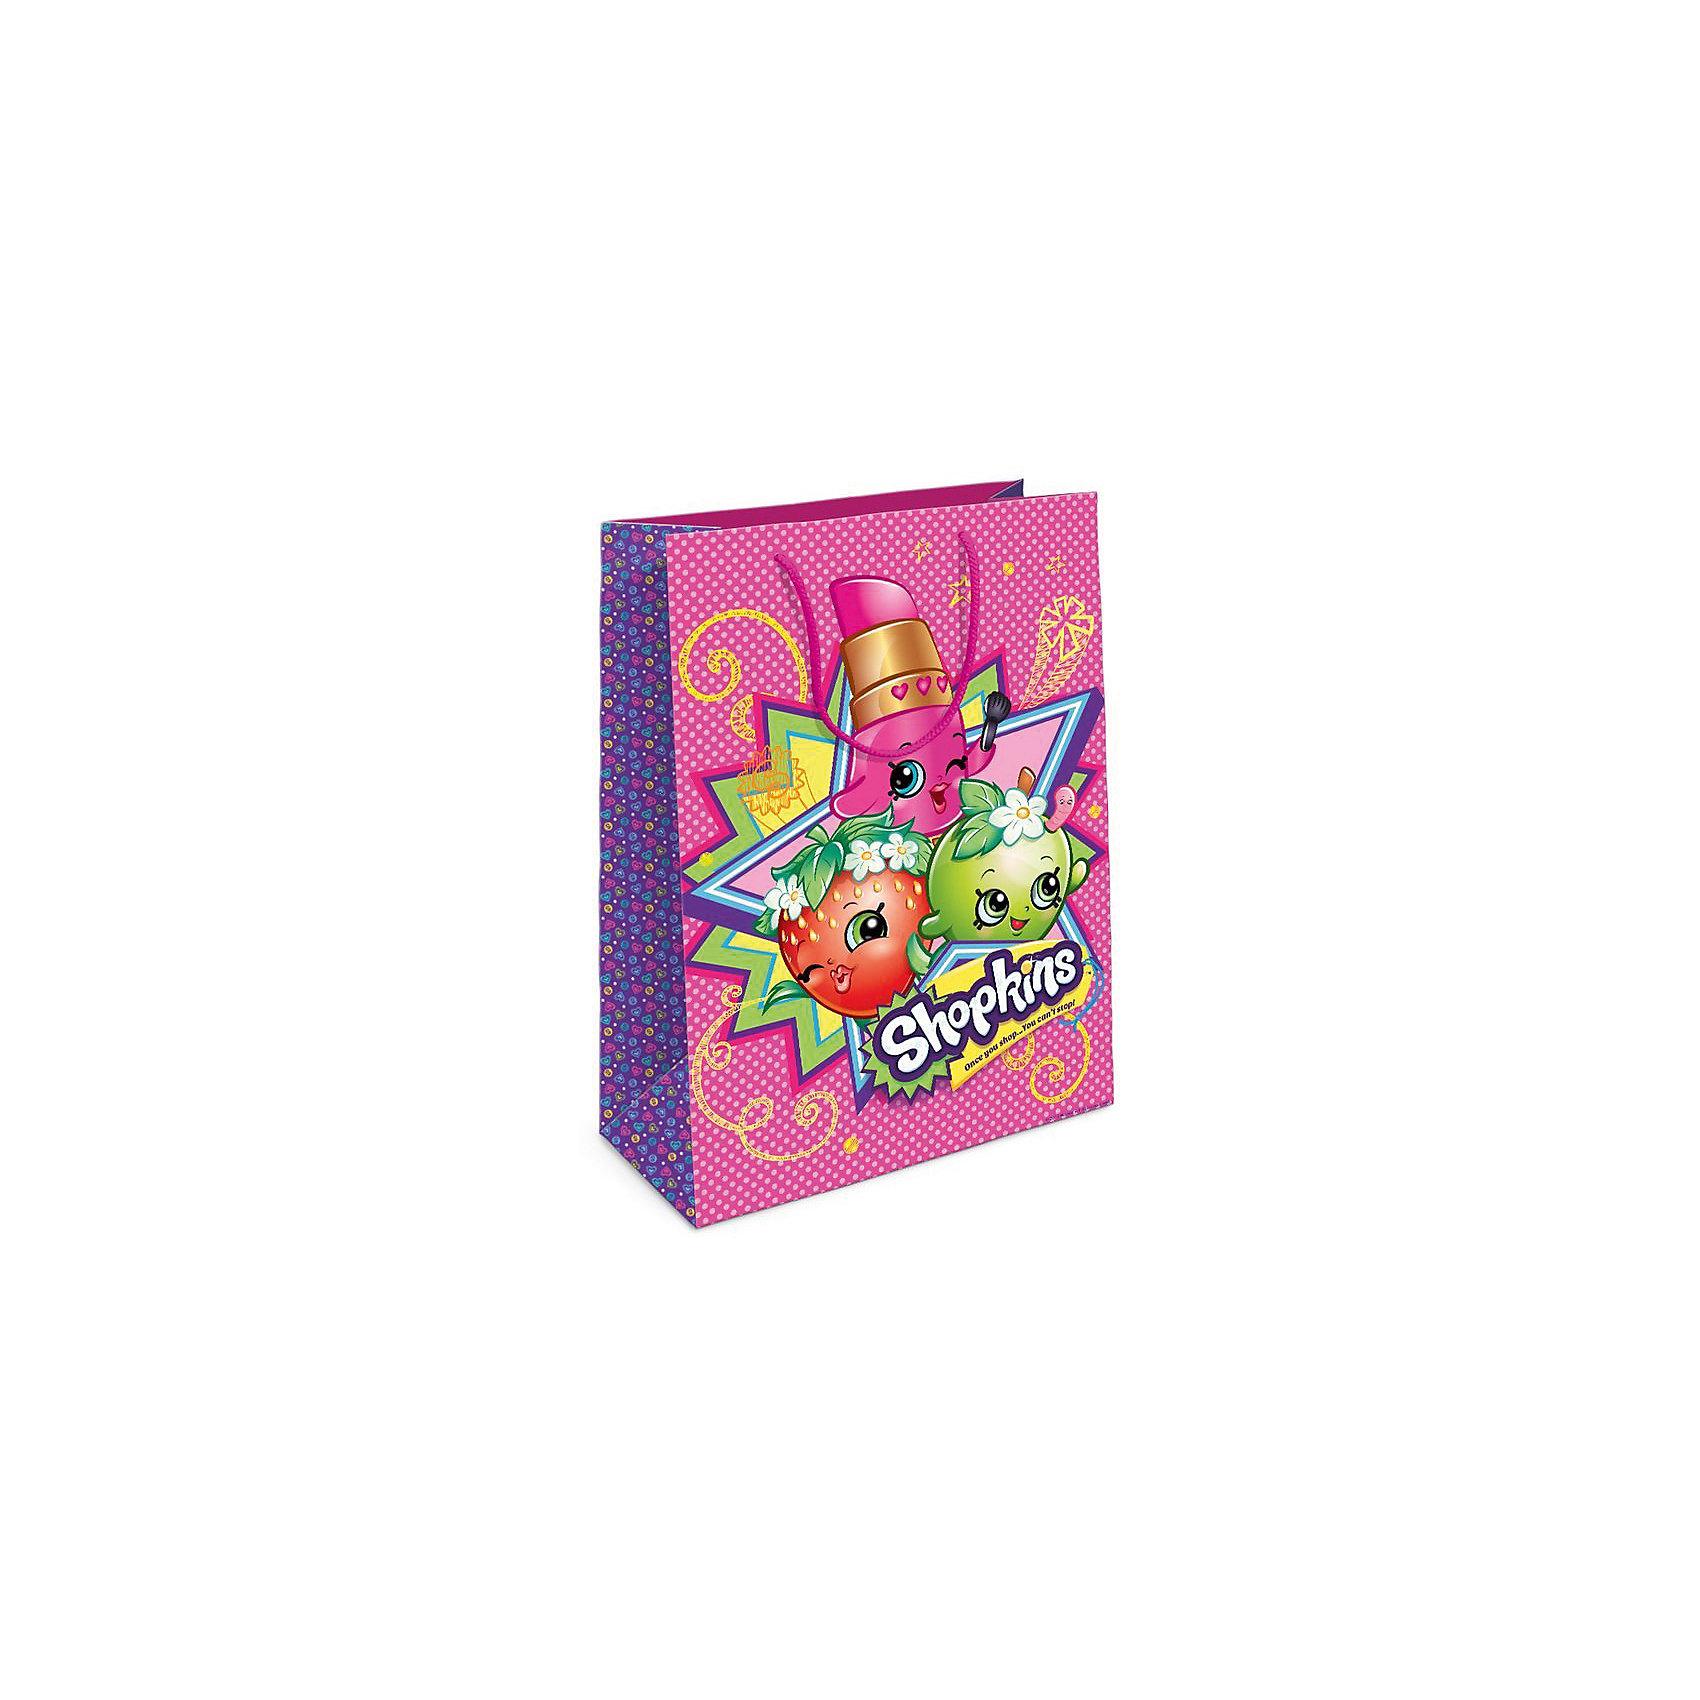 Пакет подарочный, 350*250*90, ShopkinsВсё для праздника<br>Характеристики товара:<br><br>• размер: 35х25х9 см<br>• состав: бумага<br>• яркий принт<br>• удобные ручки<br>• страна бренда: Россия<br>• страна изготовитель: Китай<br><br>Подарочный бумажный пакет Шопкинс стильно и эффектно украсит ваш подарок. <br><br>Пакет подарочный, 350*250*90, Shopkins, вы можете приобрести в нашем интернет-магазине.<br><br>Ширина мм: 350<br>Глубина мм: 250<br>Высота мм: 50<br>Вес г: 61<br>Возраст от месяцев: 36<br>Возраст до месяцев: 2147483647<br>Пол: Женский<br>Возраст: Детский<br>SKU: 5453490